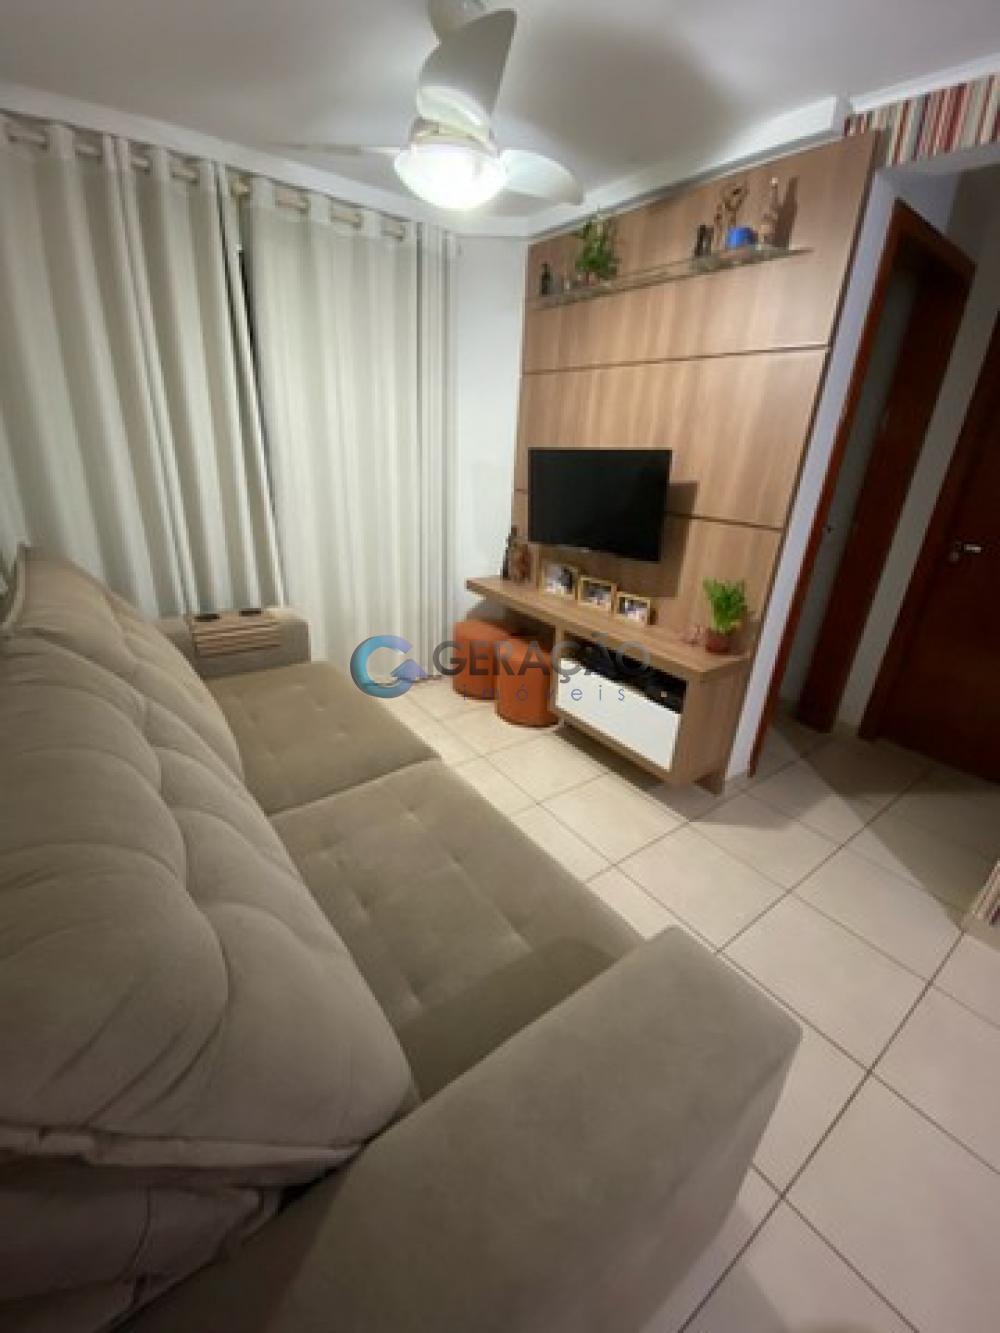 Comprar Apartamento / Padrão em São José dos Campos R$ 300.000,00 - Foto 2